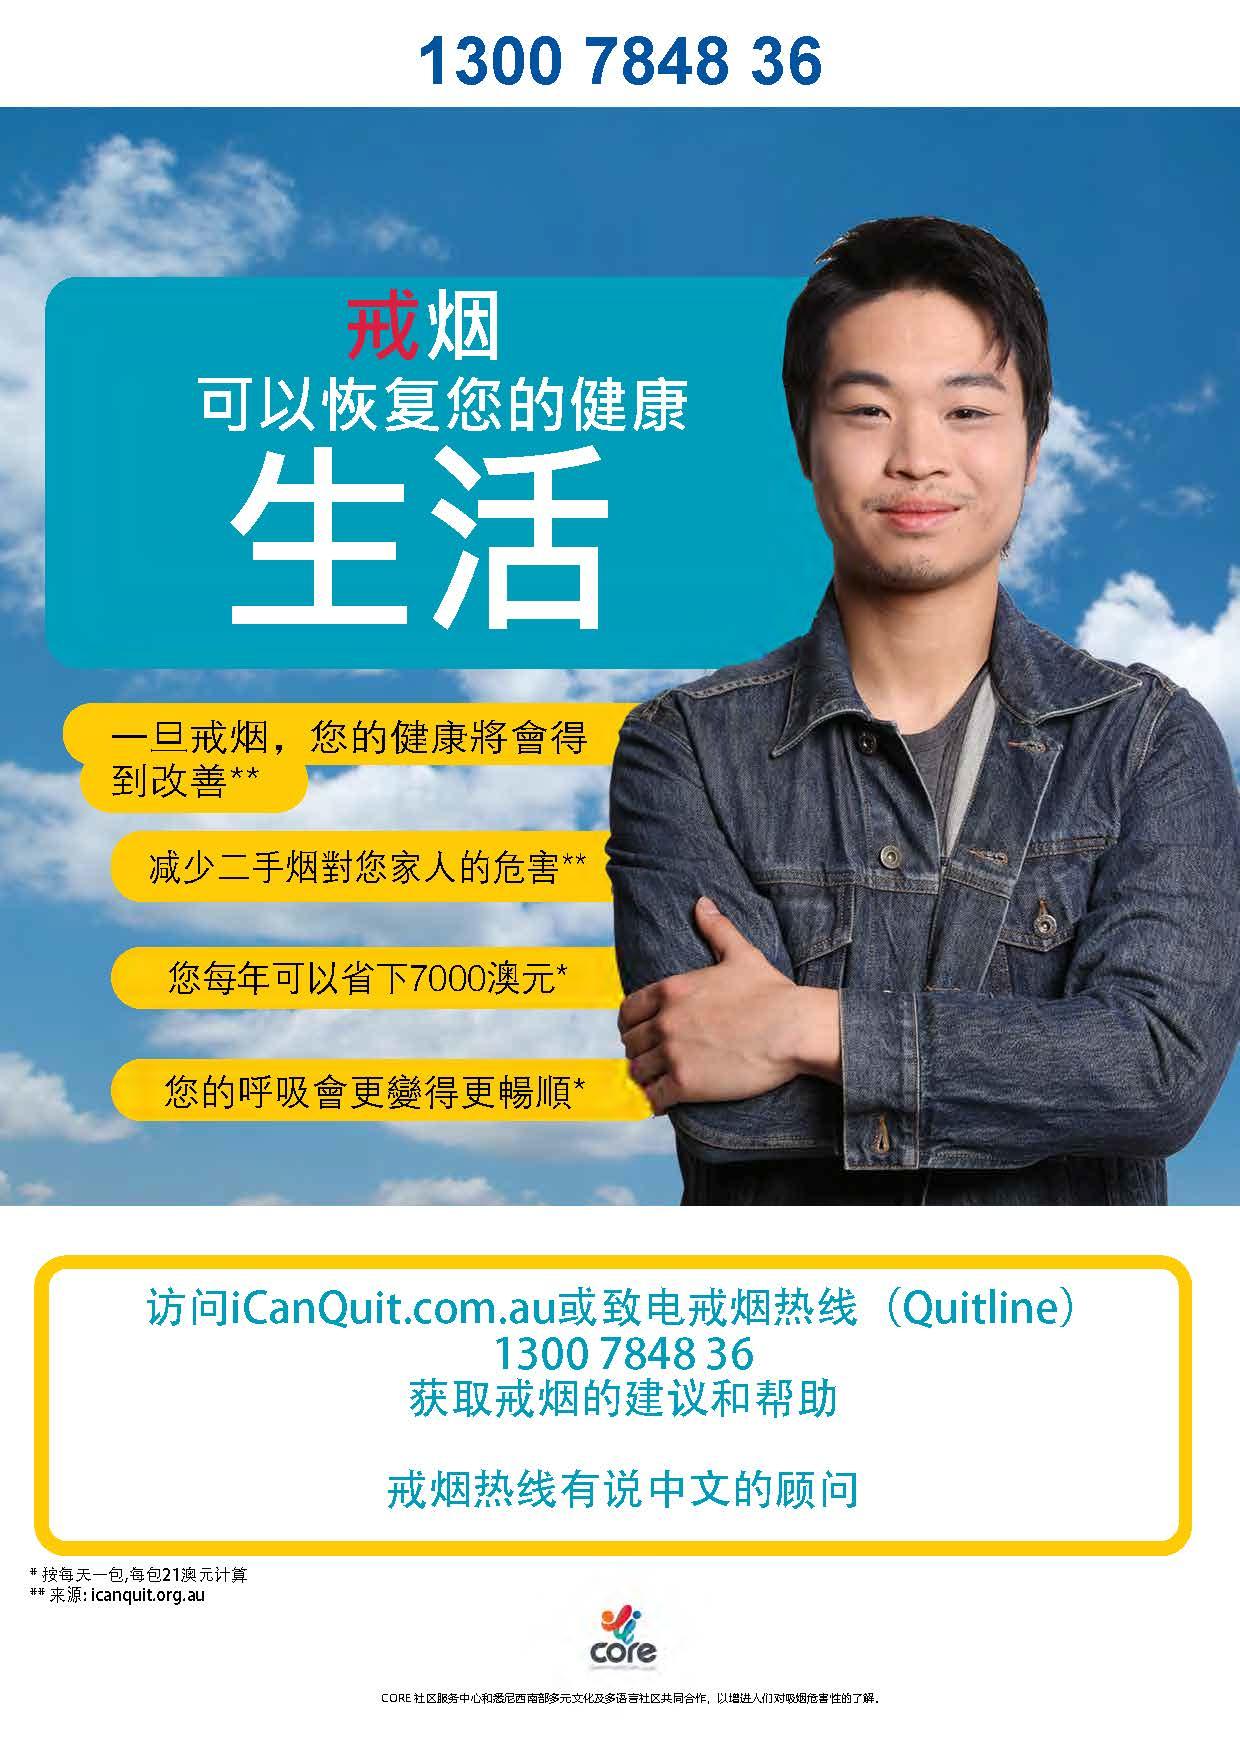 Print Ad - Chinese optimised